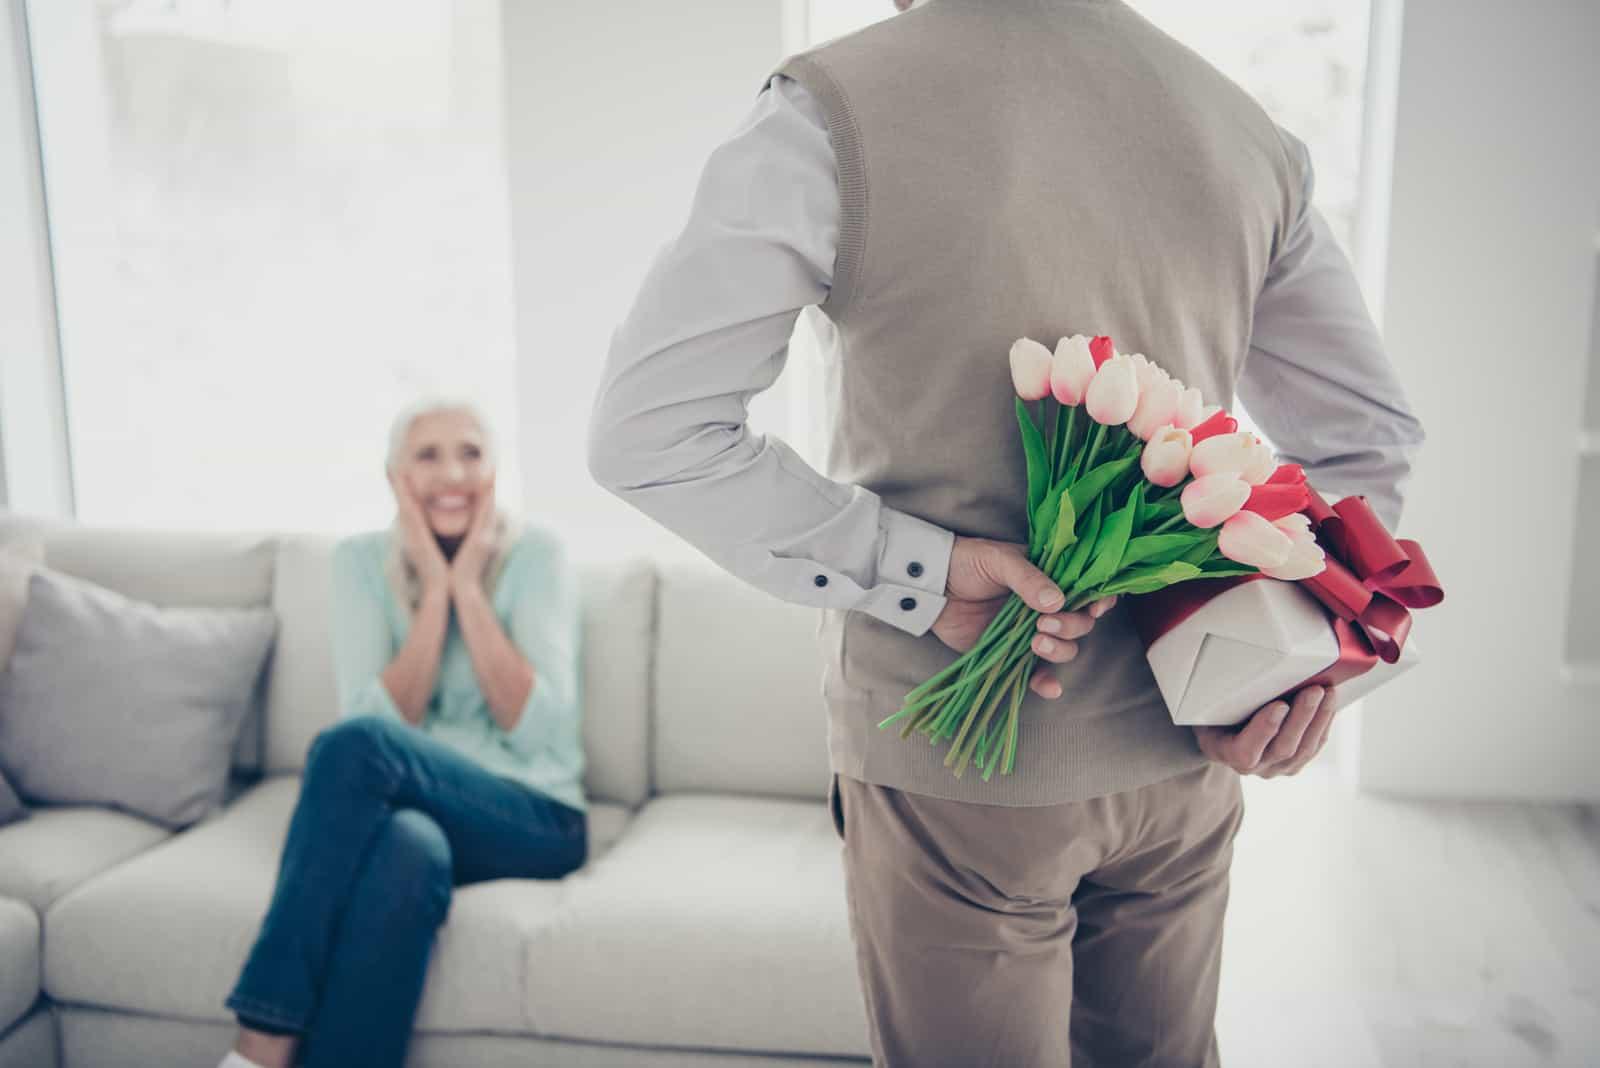 un homme a surpris une femme avec un bouquet de fleurs